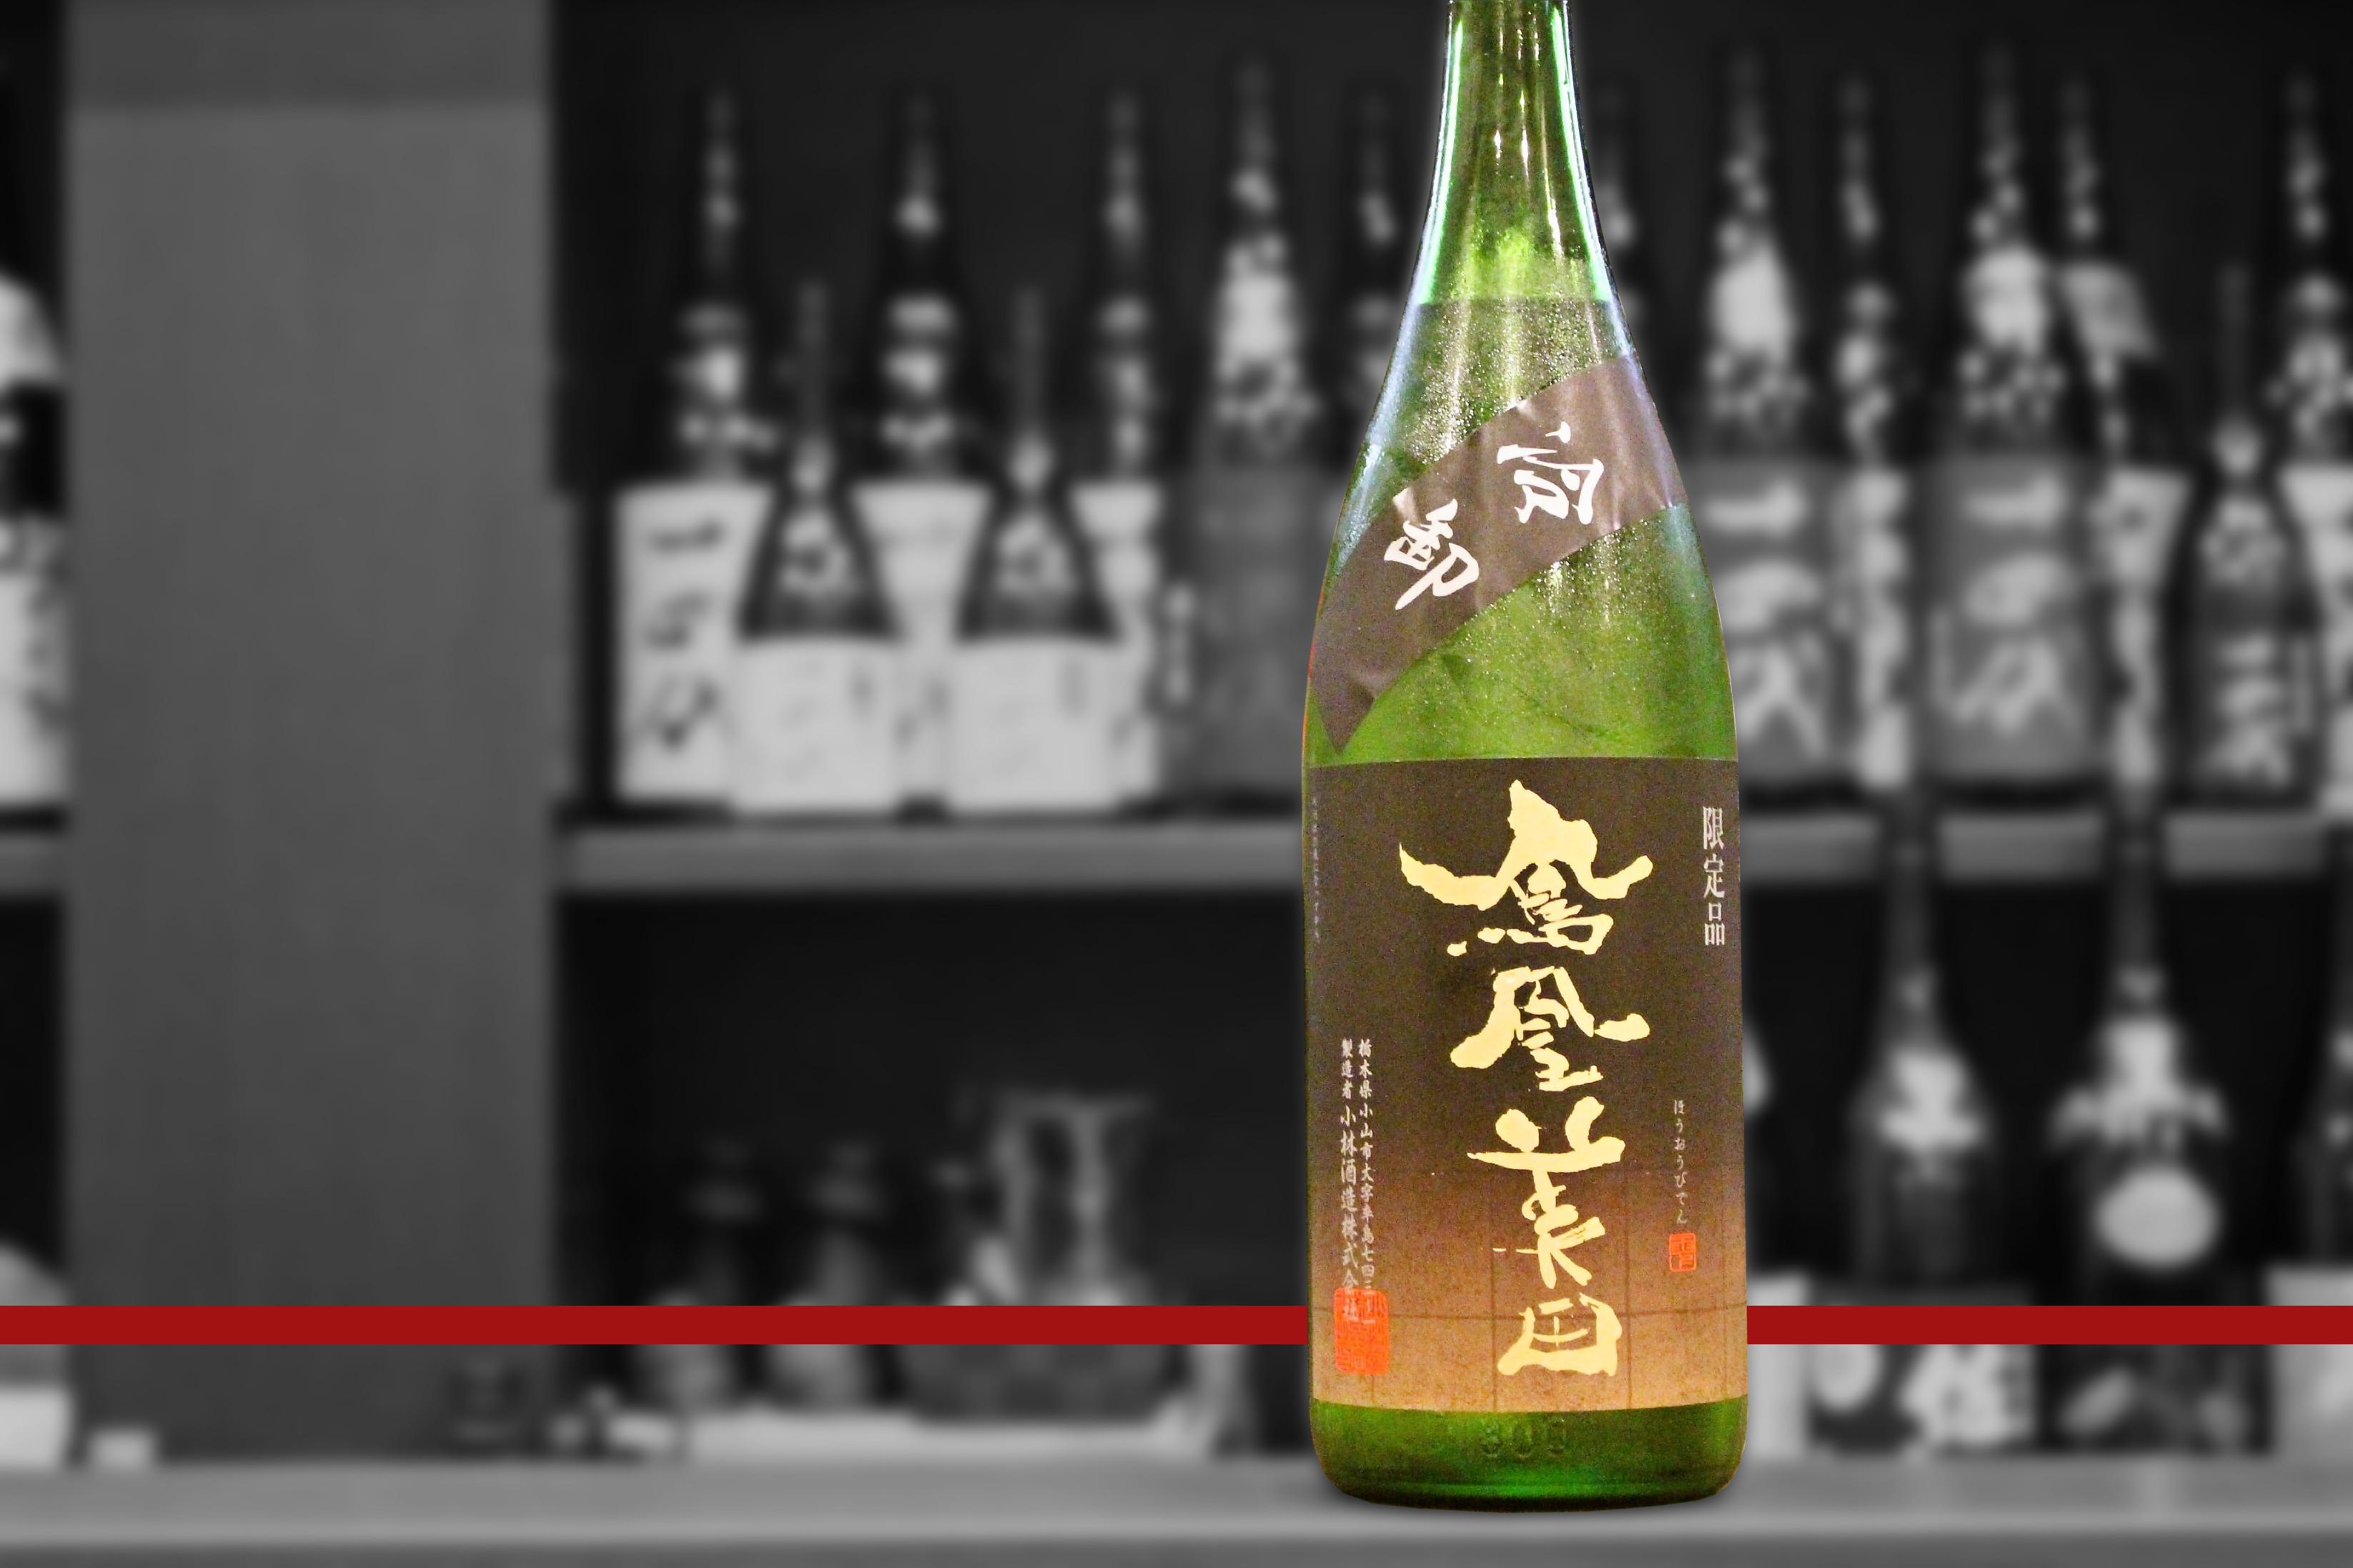 blog鳳凰美田冷卸五百万石純米吟醸202109